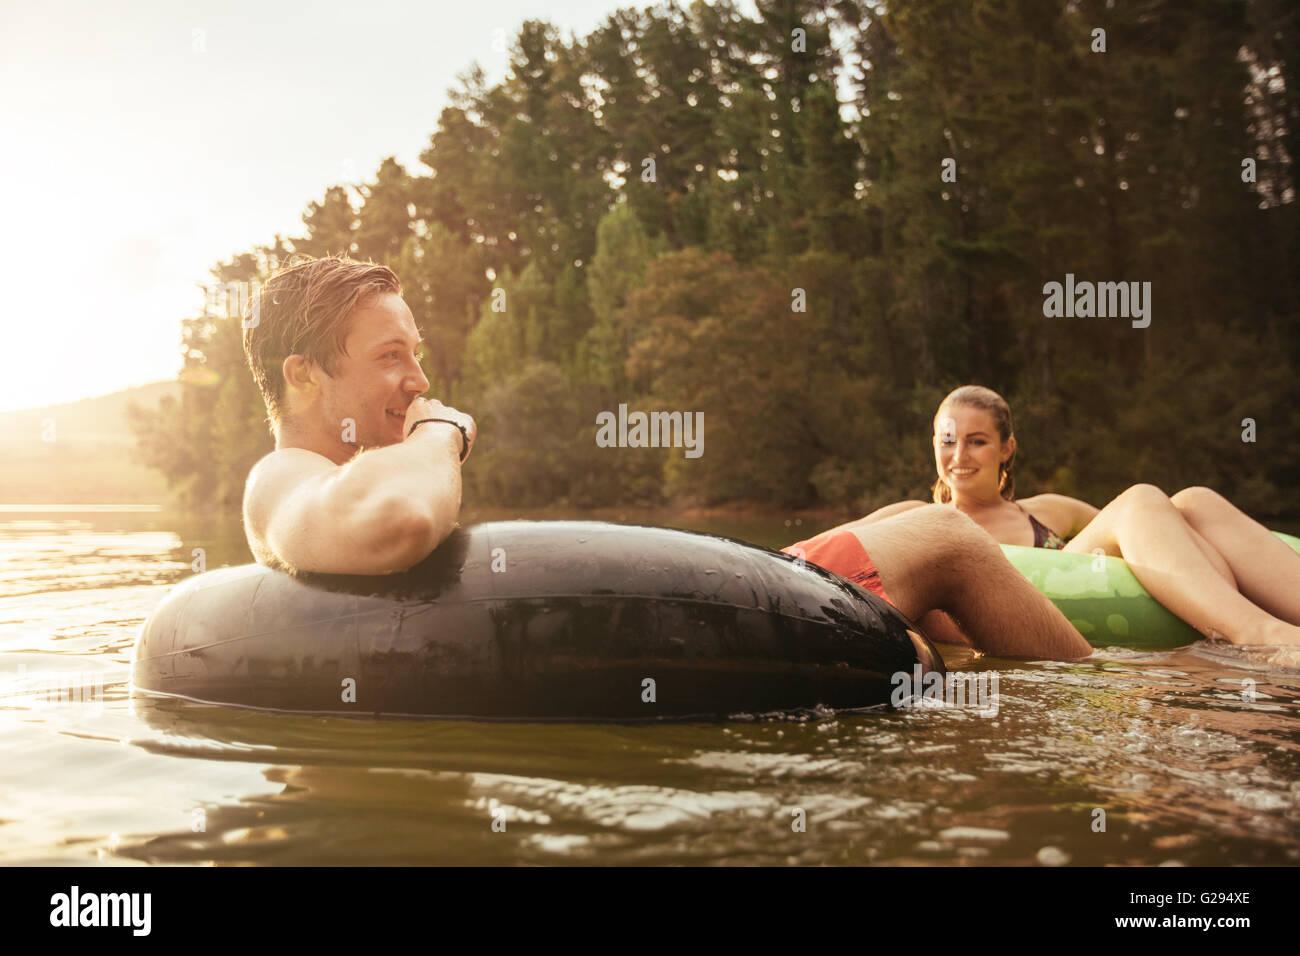 Retrato de joven feliz en el lago en el anillo hinchable con su novia. Pareja joven relajándose en el agua en un día de verano. Foto de stock